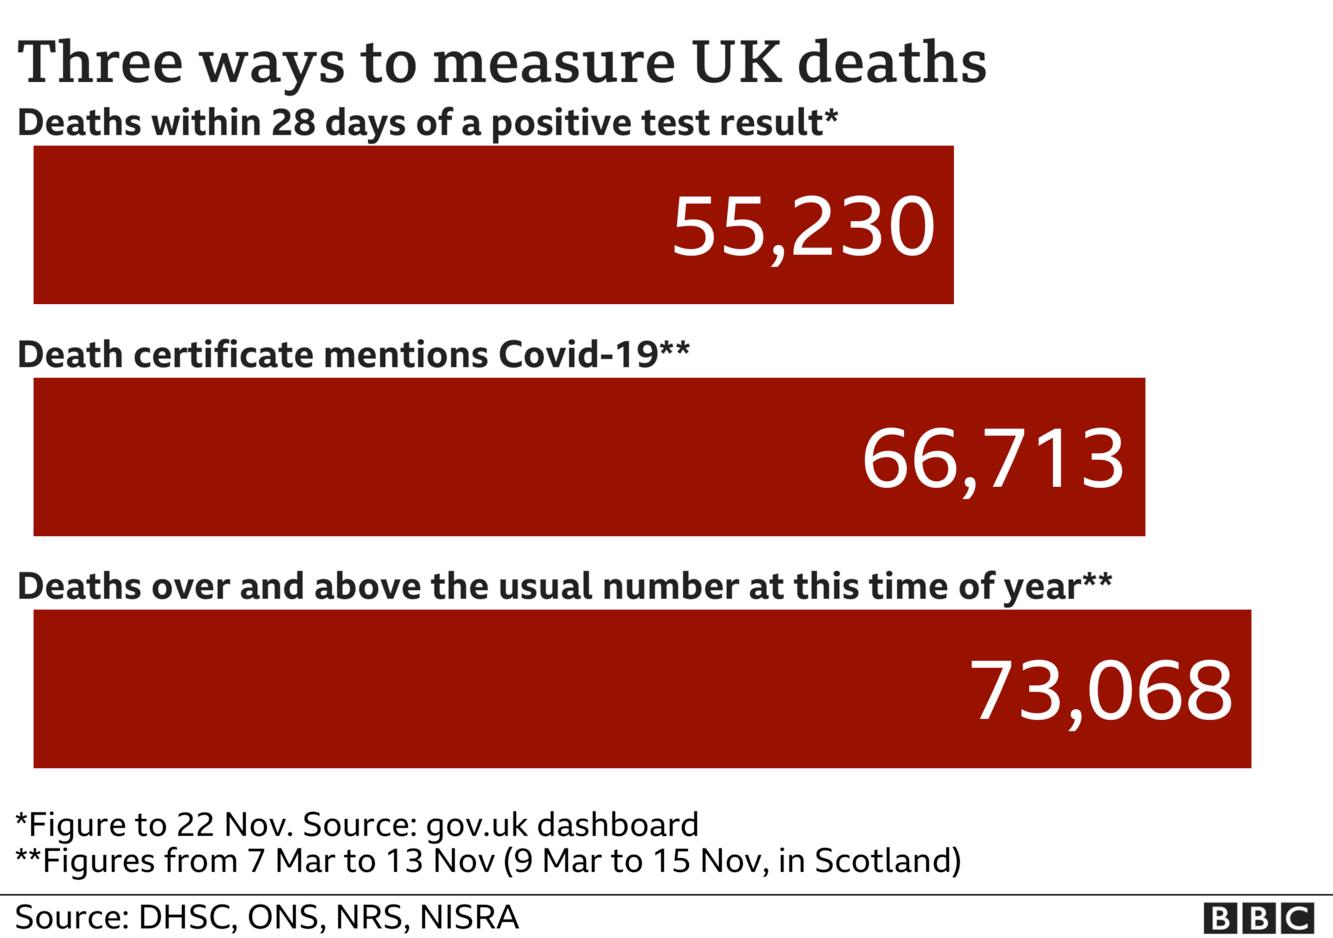 El gráfico muestra tres formas de medir las muertes por coronavirus: las estadísticas del gobierno cuentan a todas las personas que mueren dentro de los 28 días posteriores a una prueba positiva.  El total es ahora 55,230.  Las estadísticas de ONS incluyen a todos los que fueron mencionados con coronavirus en su certificado de defunción, y ese total ahora es 66,713.  El total final incluye todas las muertes por encima de lo normal, que ahora es de 73.068.  Actualización 24 de noviembre